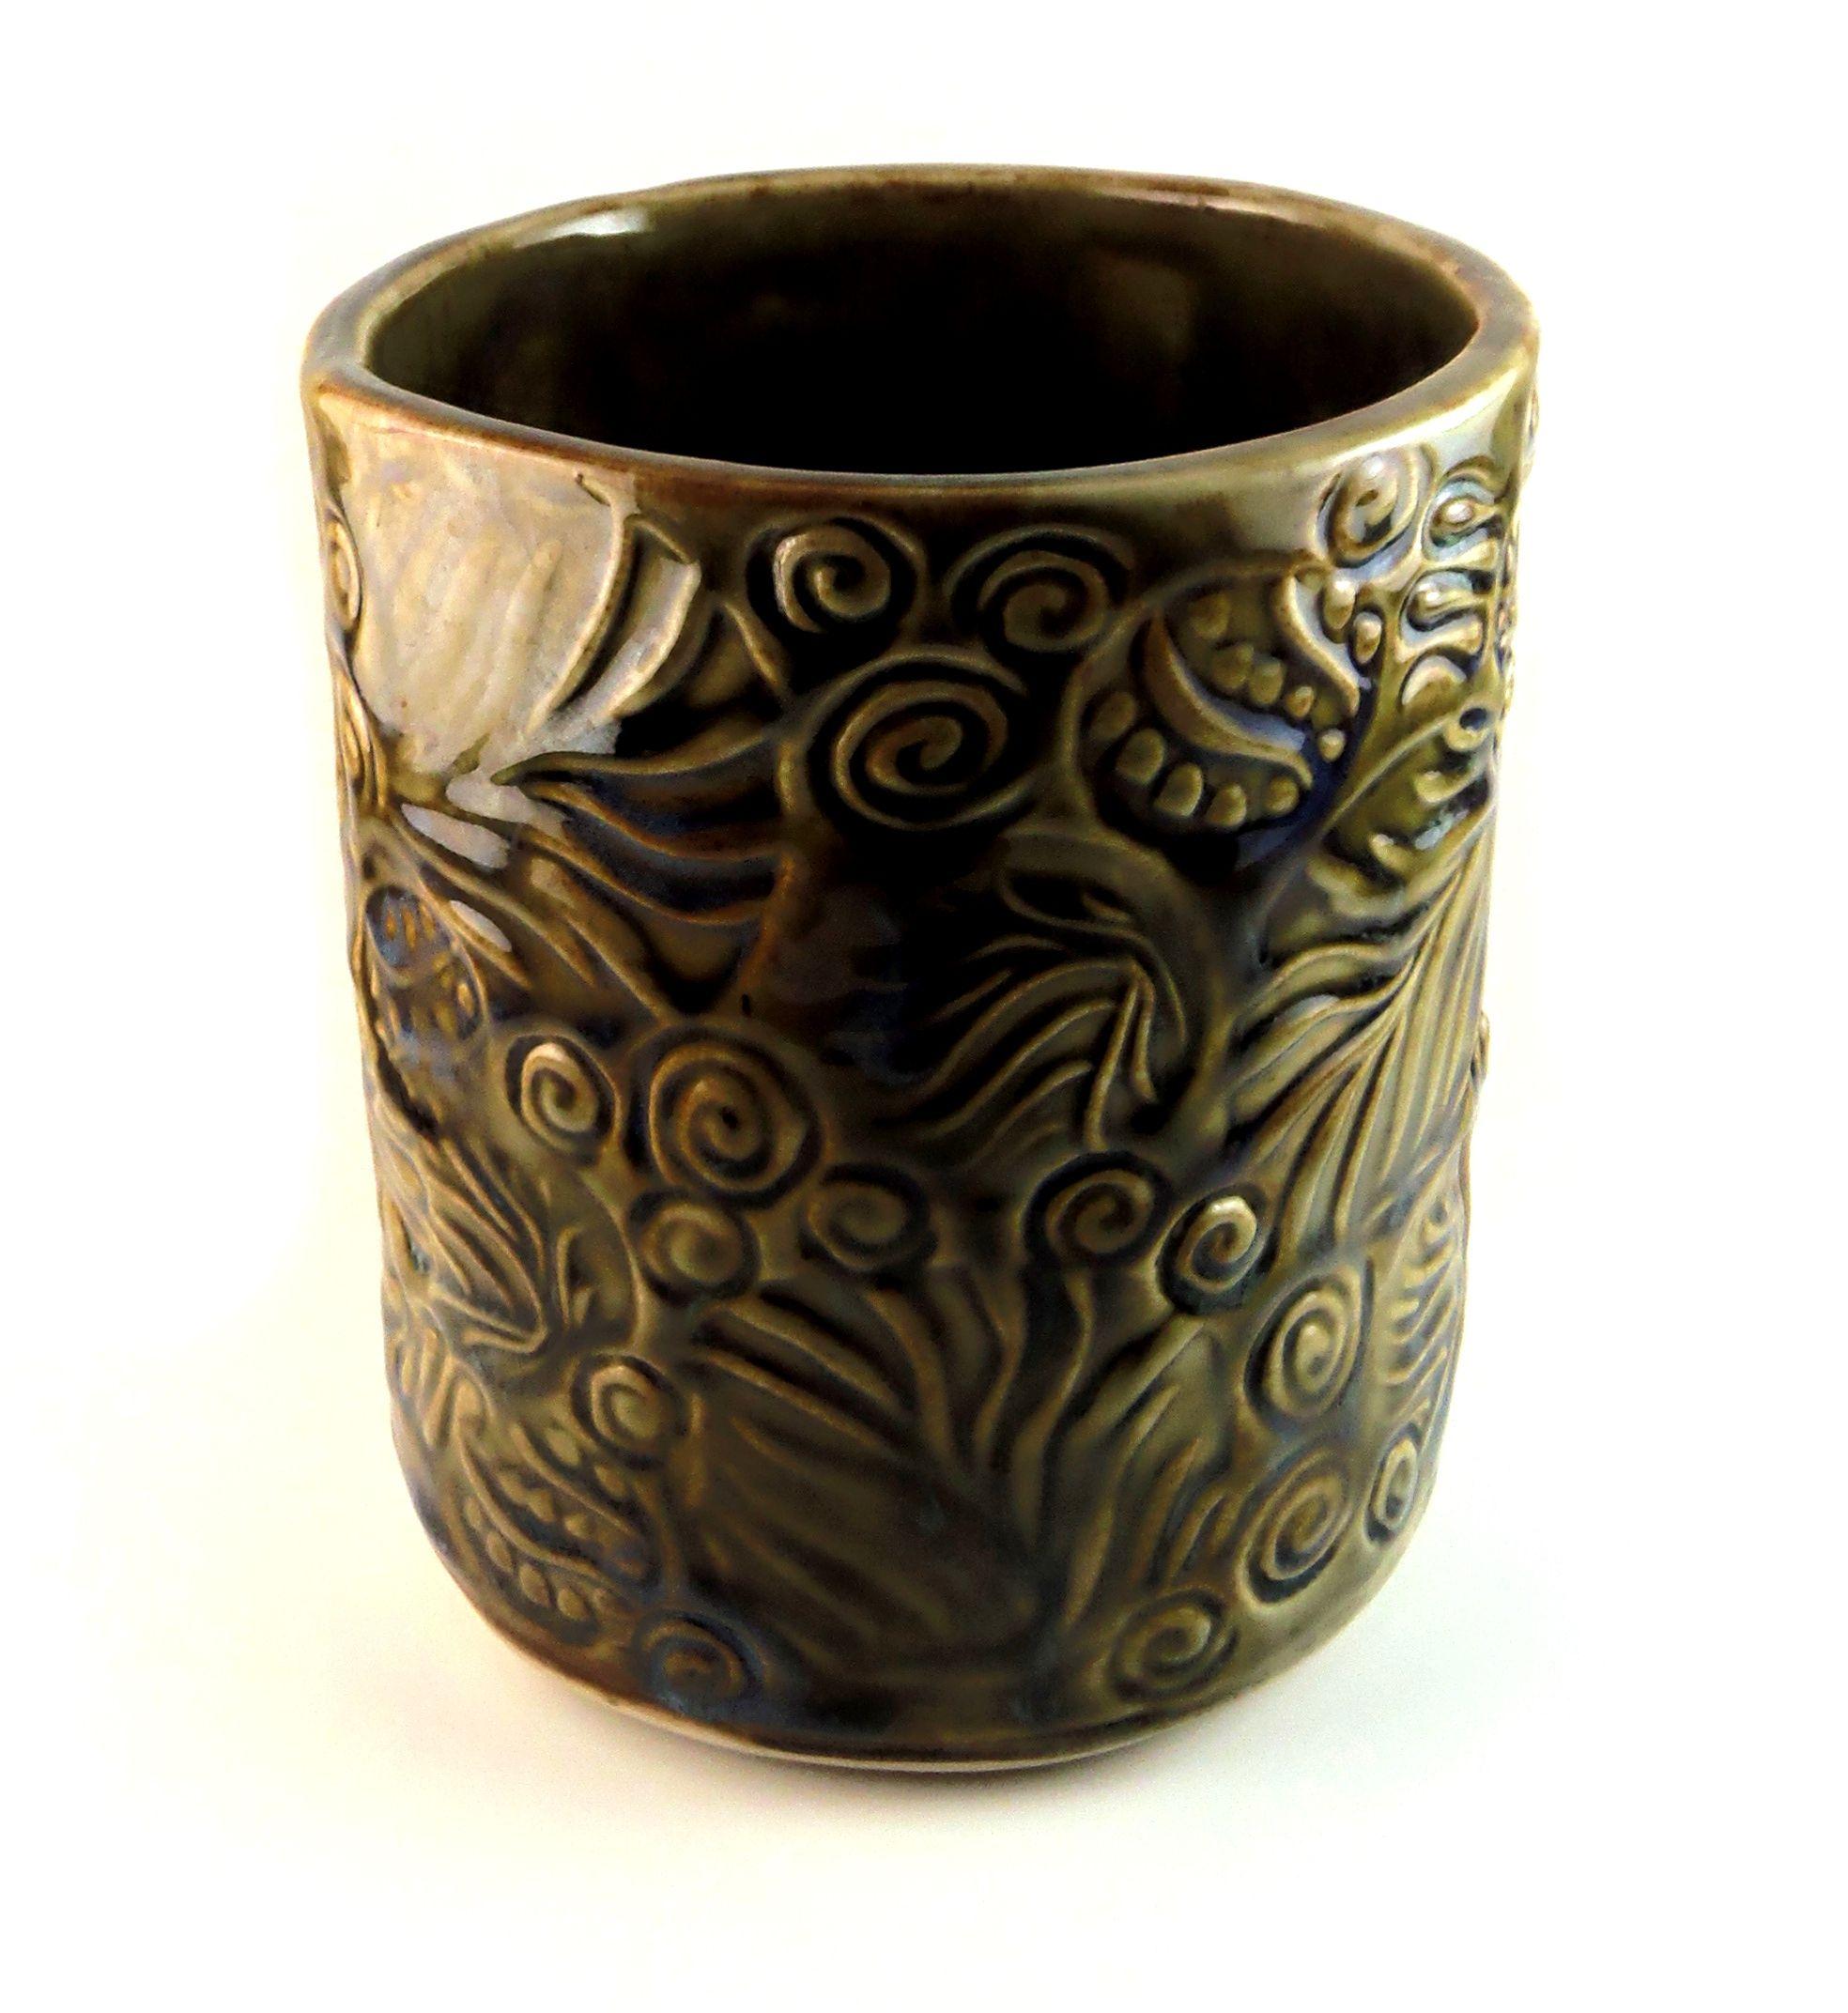 arrangement large decor floral decorative pin pinterest home vaseshouse vases ideas apartment